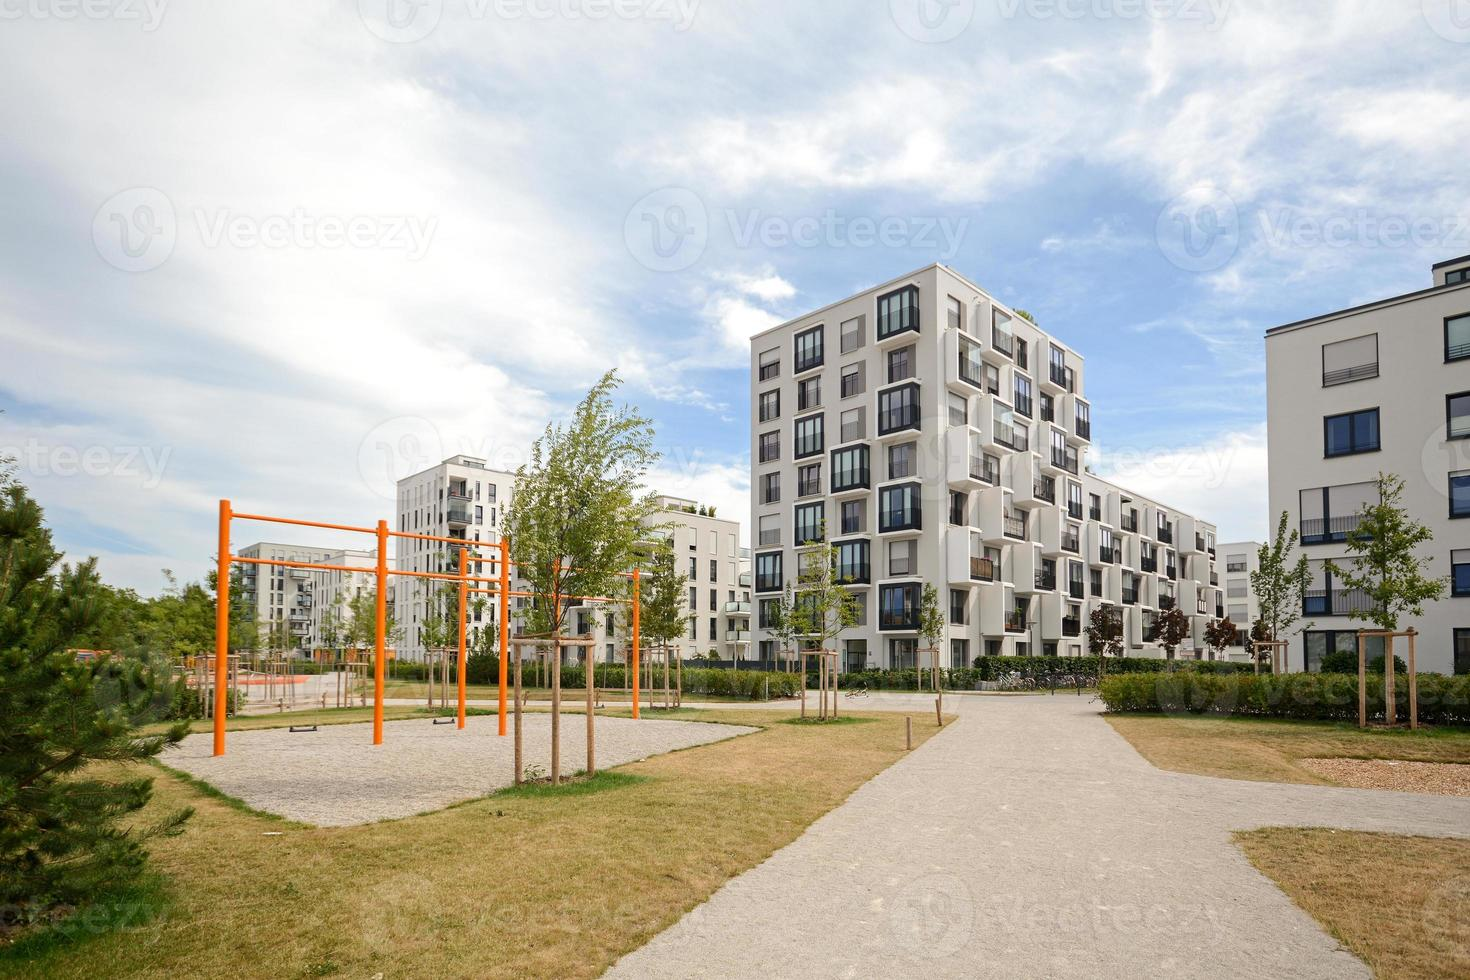 neuer Spielplatz und moderne Wohngebäude foto